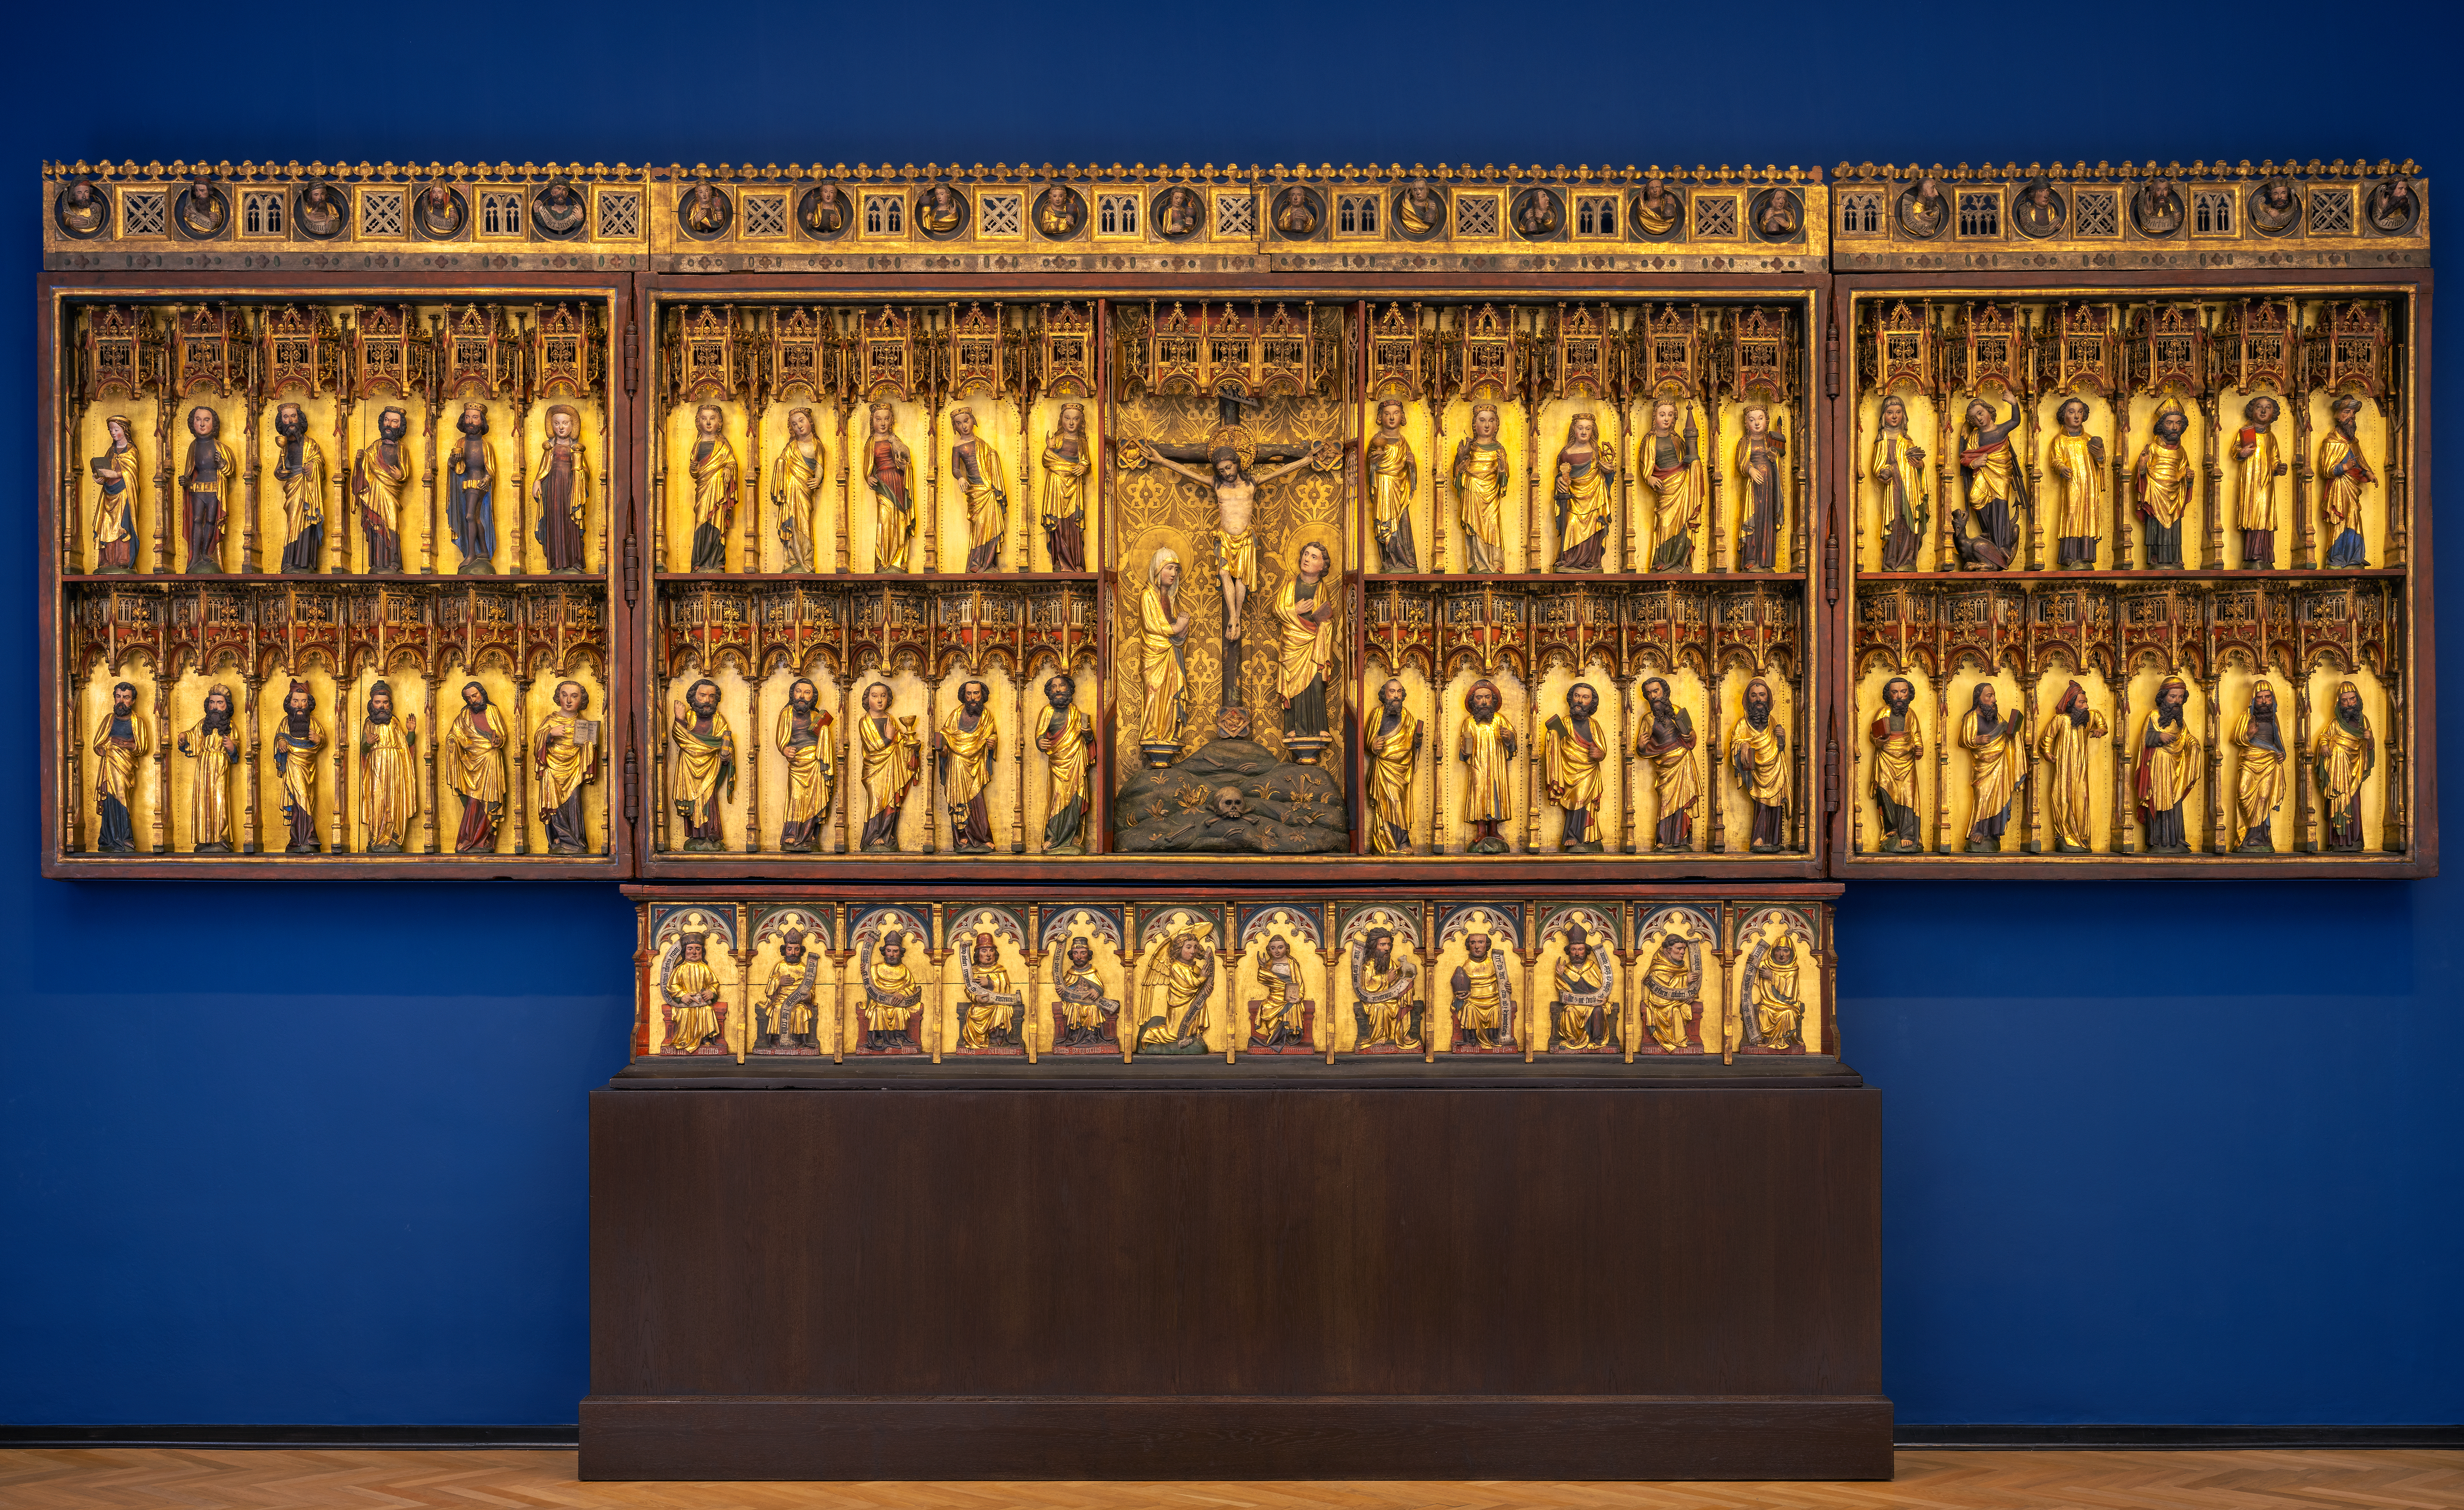 Bertram von Minden,Retabel des ehemaligen Hochaltars der Petrikirche in Hamburg (Grabower Altar), 1379/83,© Hamburger Kunsthalle / bpk, Foto: Elke Walford